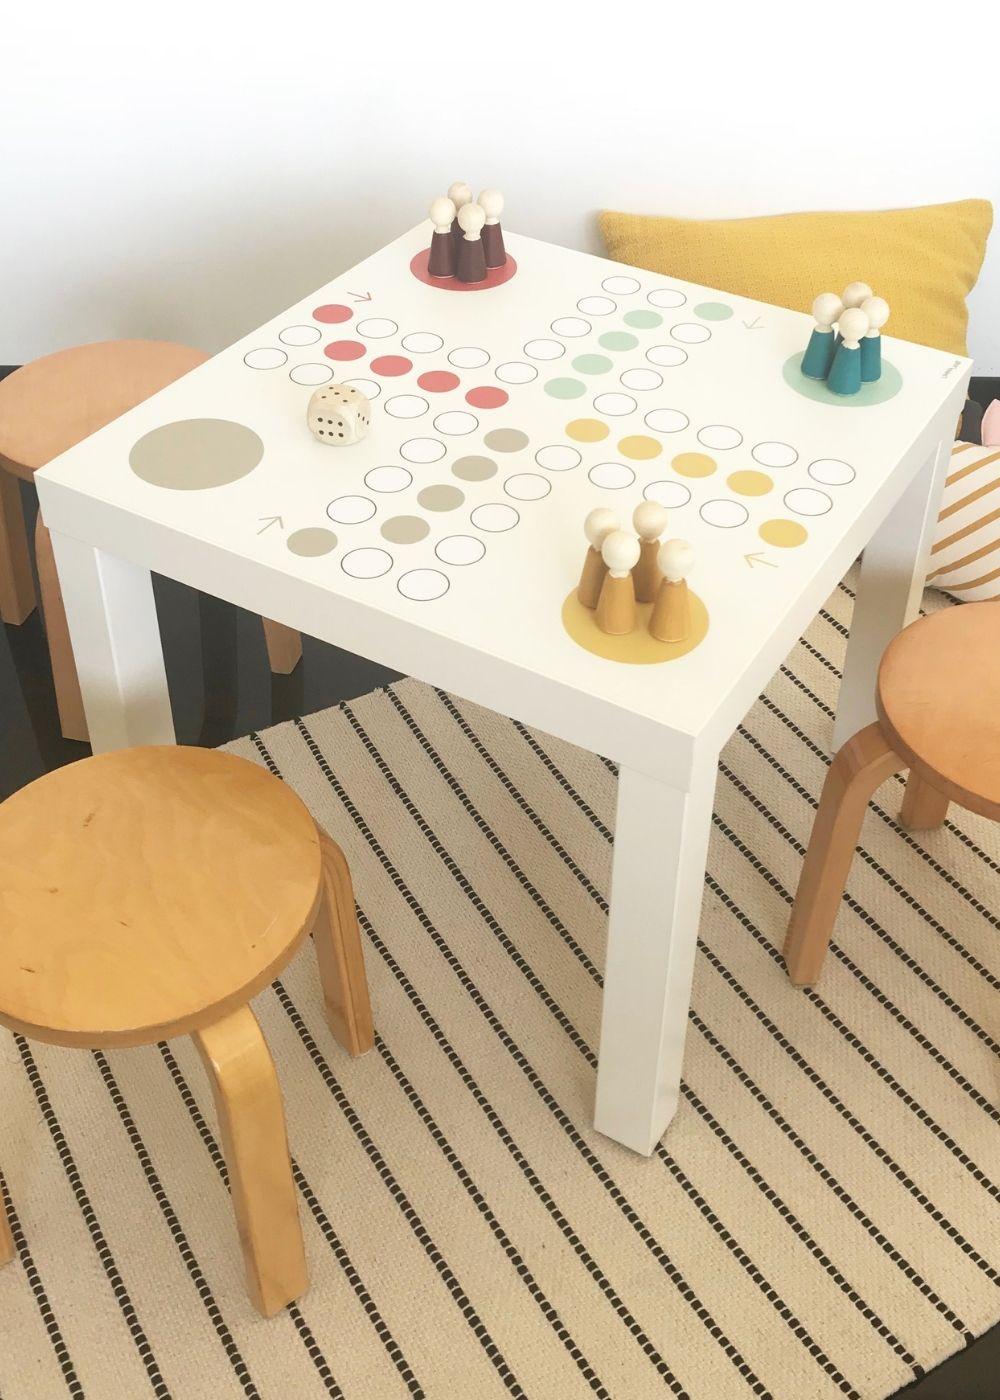 Grundschule Spieltisch Klebefolie